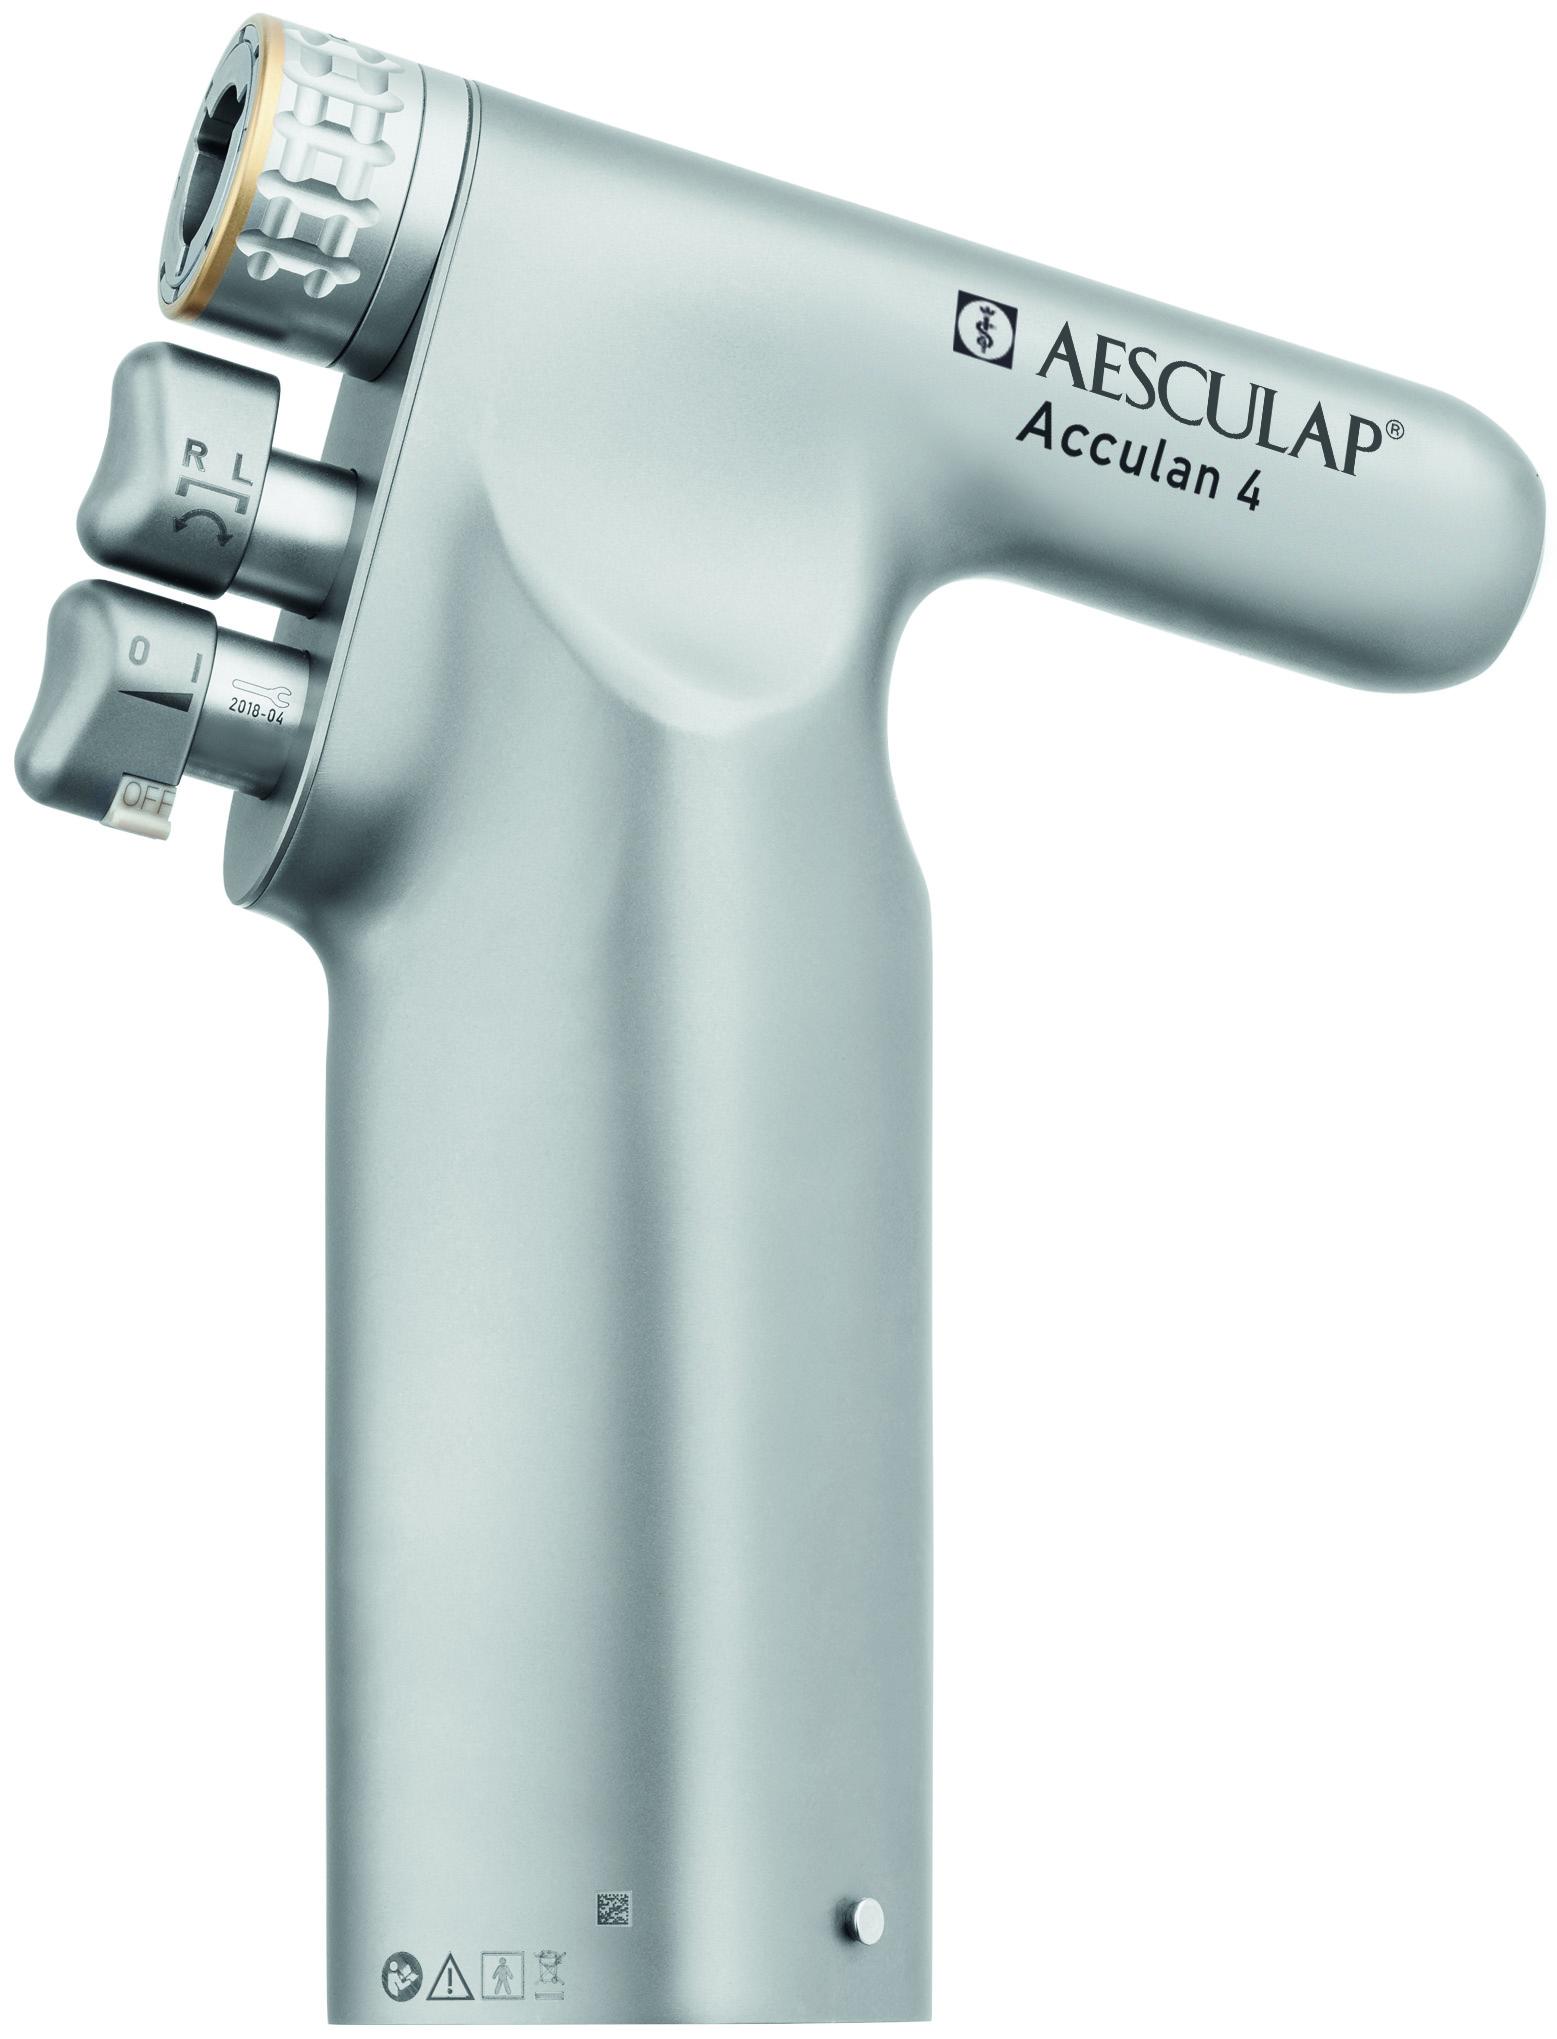 B. Braun Acculan 4 Surgical Power Tools